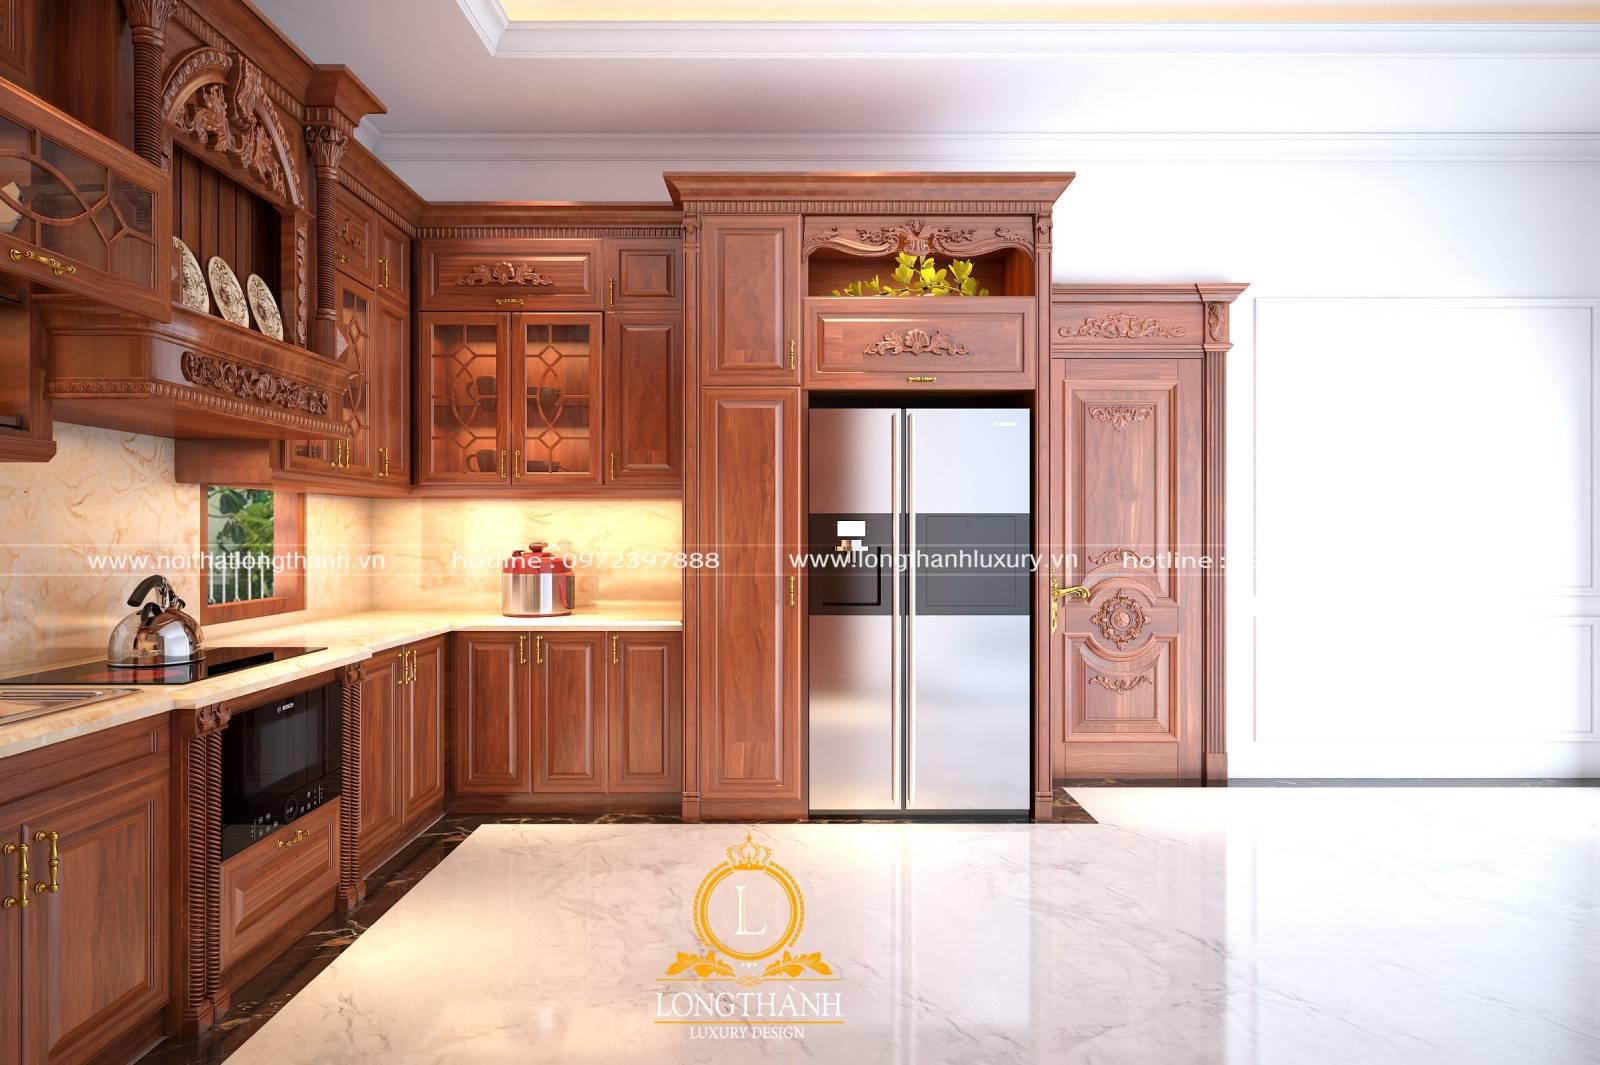 Tủ bếp gỗ Gõ hình chữ U khi nhìn theo góc trái cửa